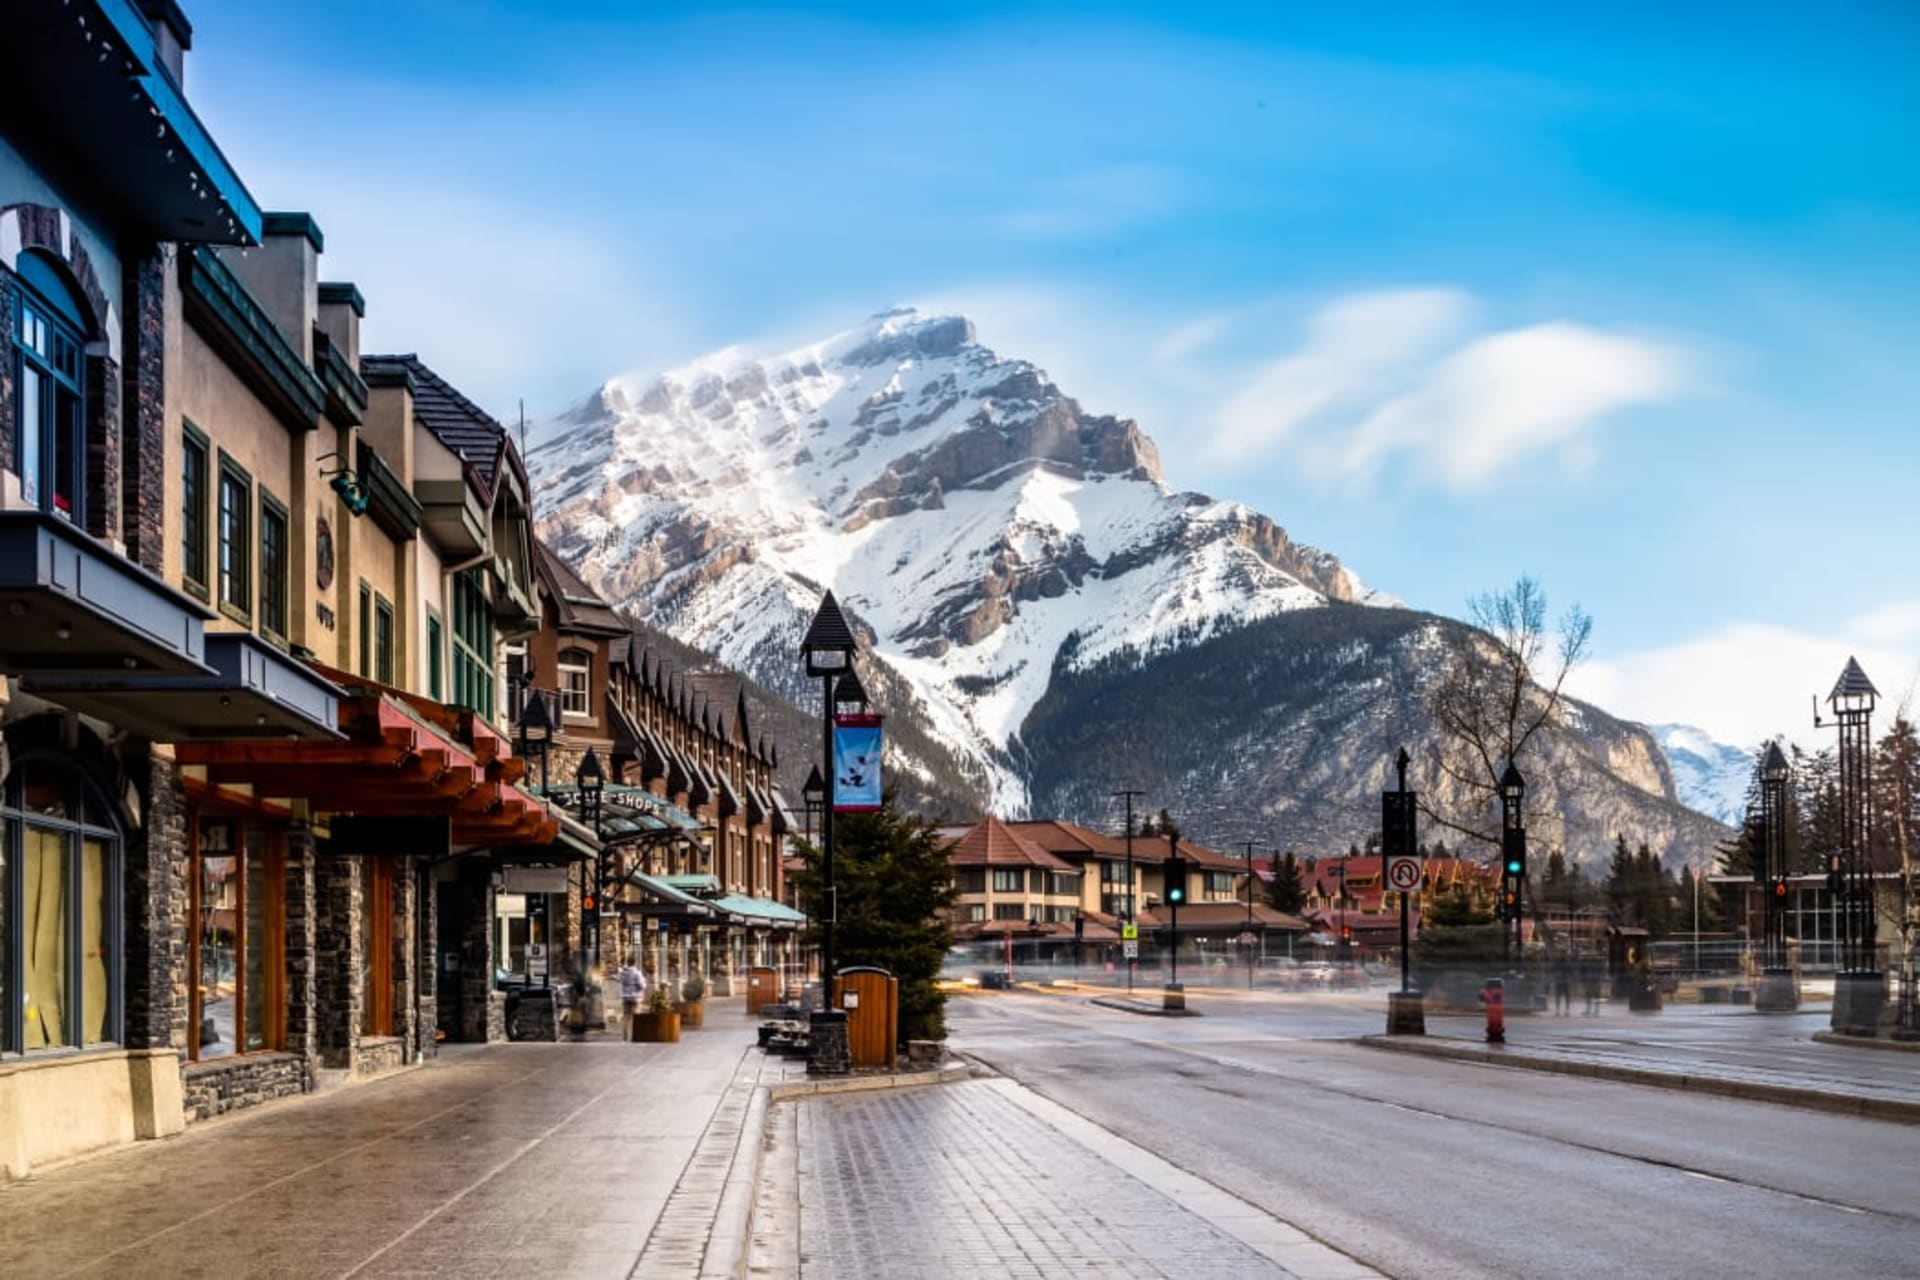 Banff - Parque Nacional Banff en Español (TOUR IN SPANISH)